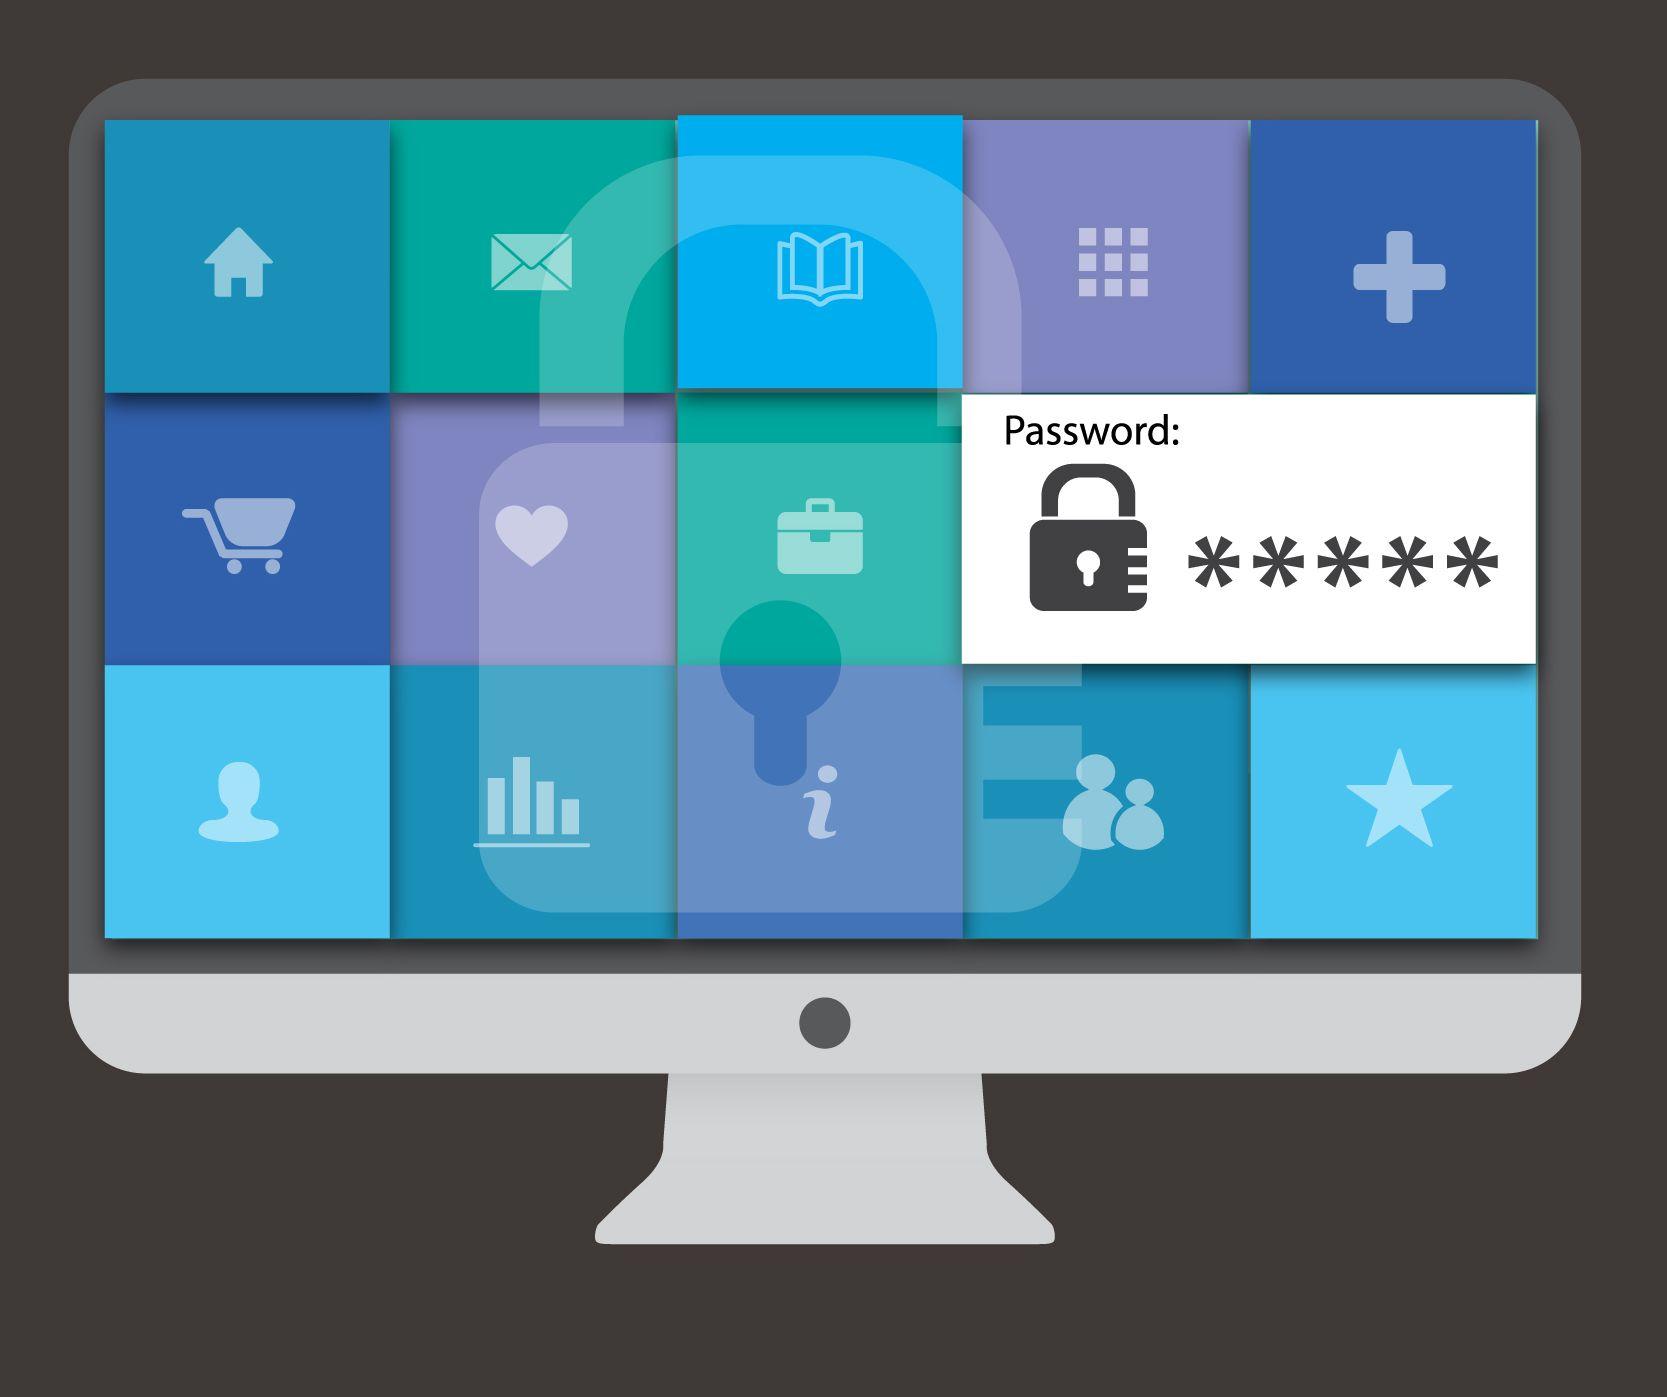 Jak změnit heslo v počítači?